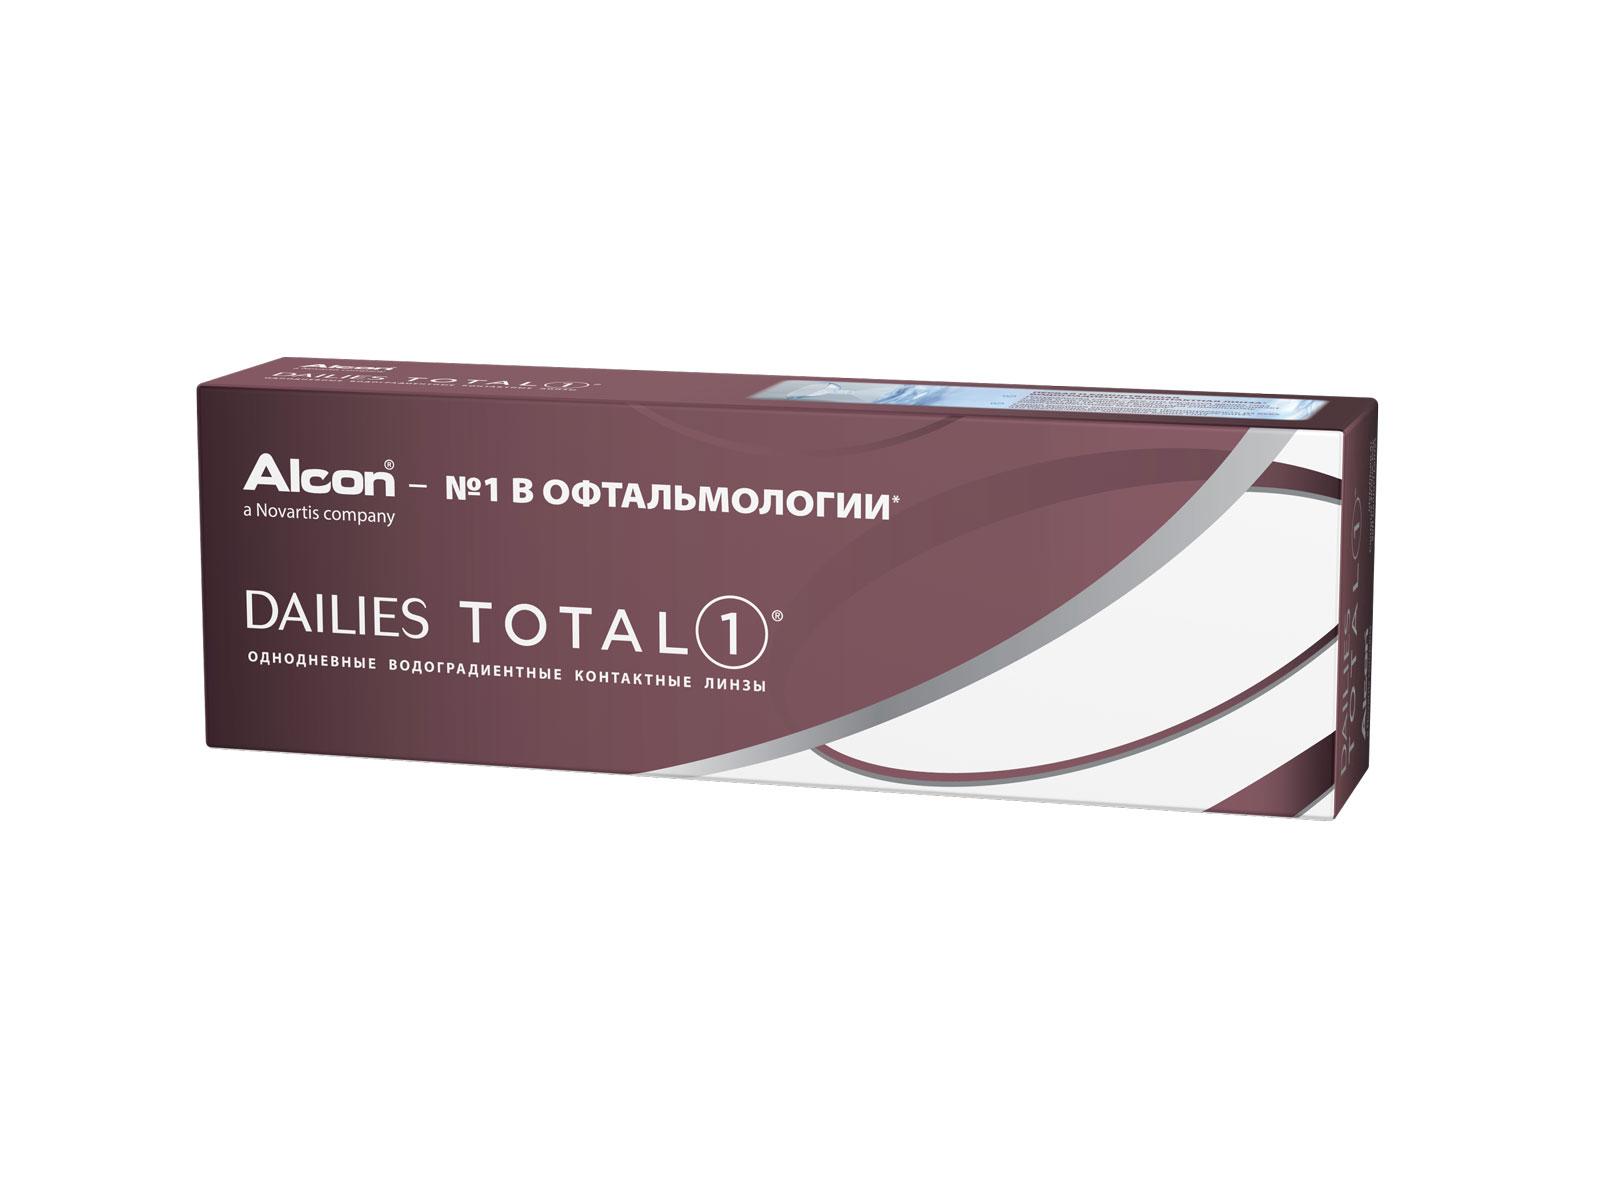 Alcon контактные линзы Dailies Total 1 30pk /-4.75 / 8.5 / 14.1100005967Dailies Total 1 – линзы, которые не чувствуешь с утра и до поздного вечера. Эти однодневные контактные линзы выполнены из уникального водоградиентного материала, багодаря которому натуральная слеза – это все, что касается ваших глаз. Почти 100% влаги на поверхности обеспечивают непревзойденный комфорт до 16 часов ношения.